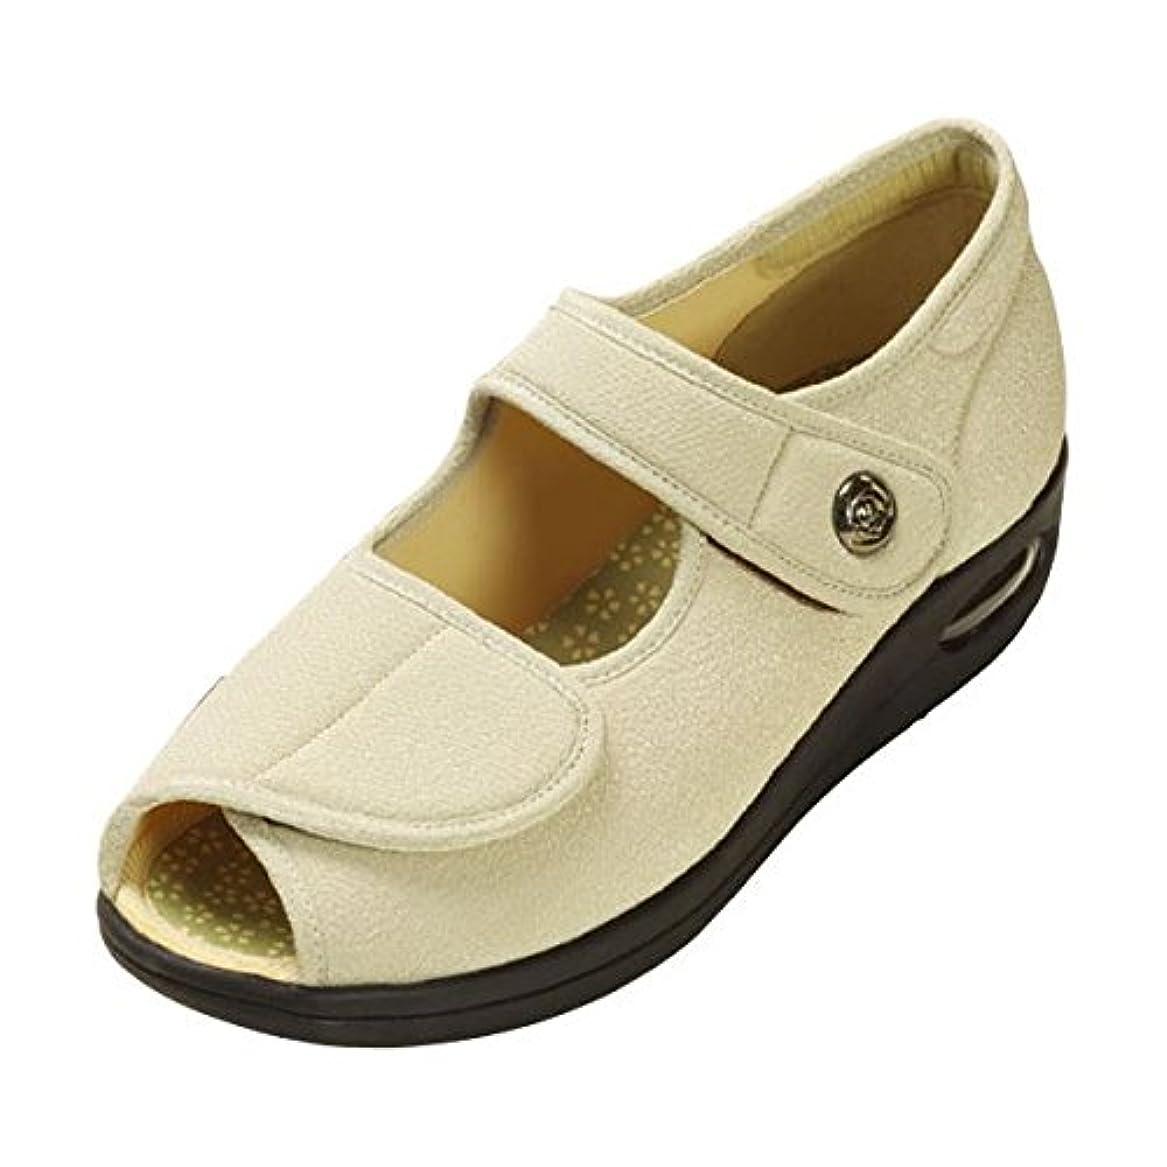 マリアンヌ製靴 彩彩~ちりめん~ W1103 婦人用 /22.0cm ベージュ ファッション 靴 シューズ その他の靴 シューズ 14067381 [並行輸入品]